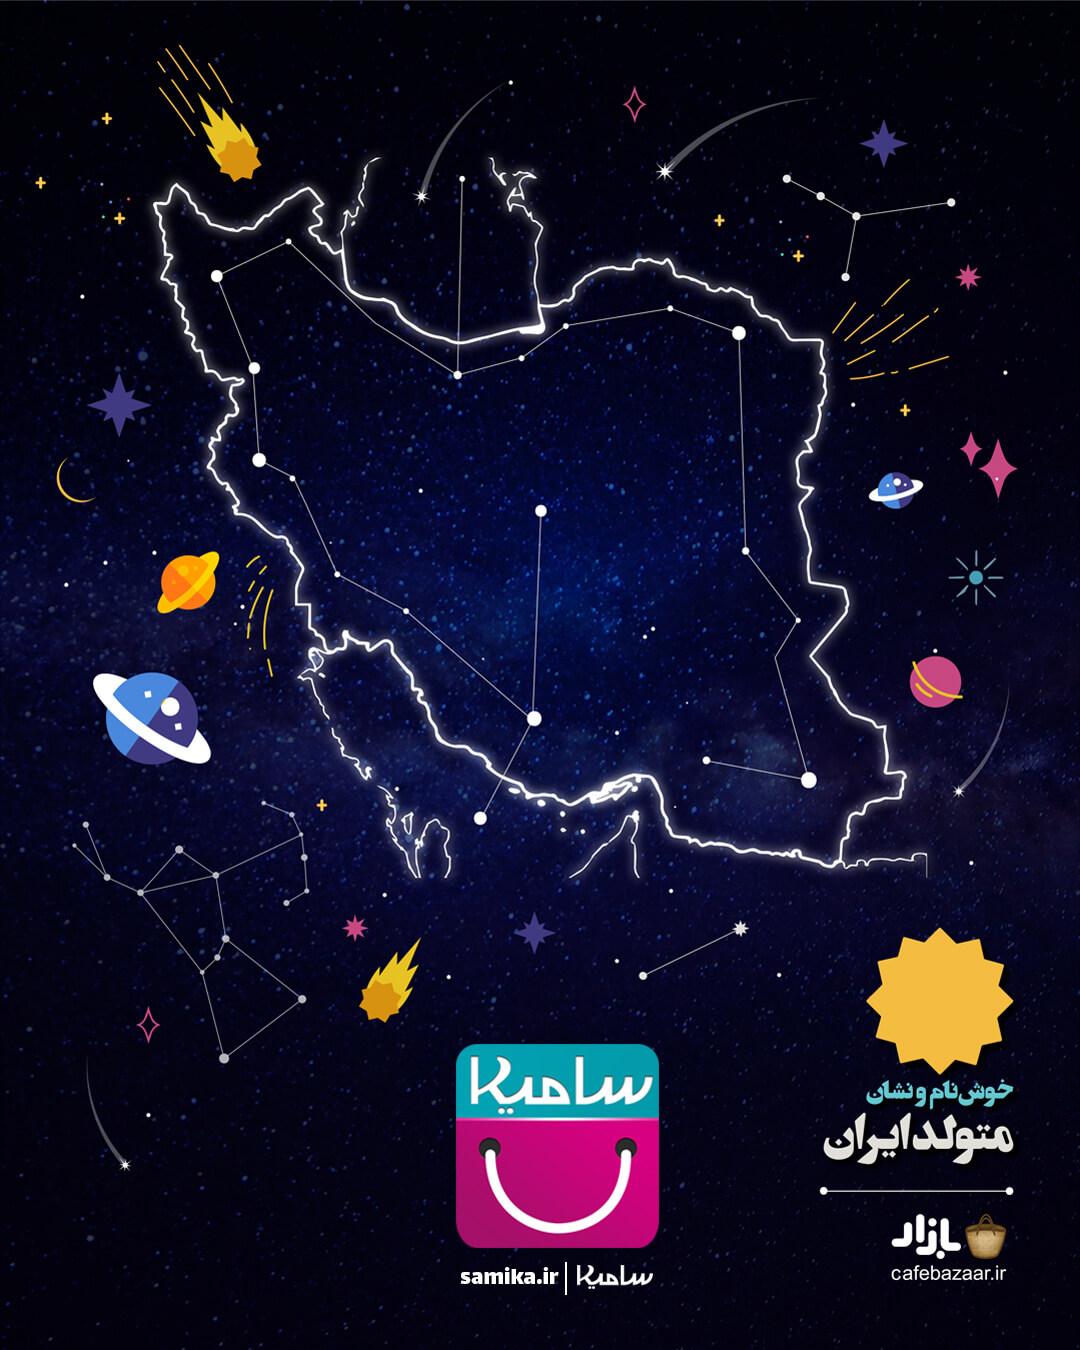 جشنواره خوشنام و نشان، متولد ایران